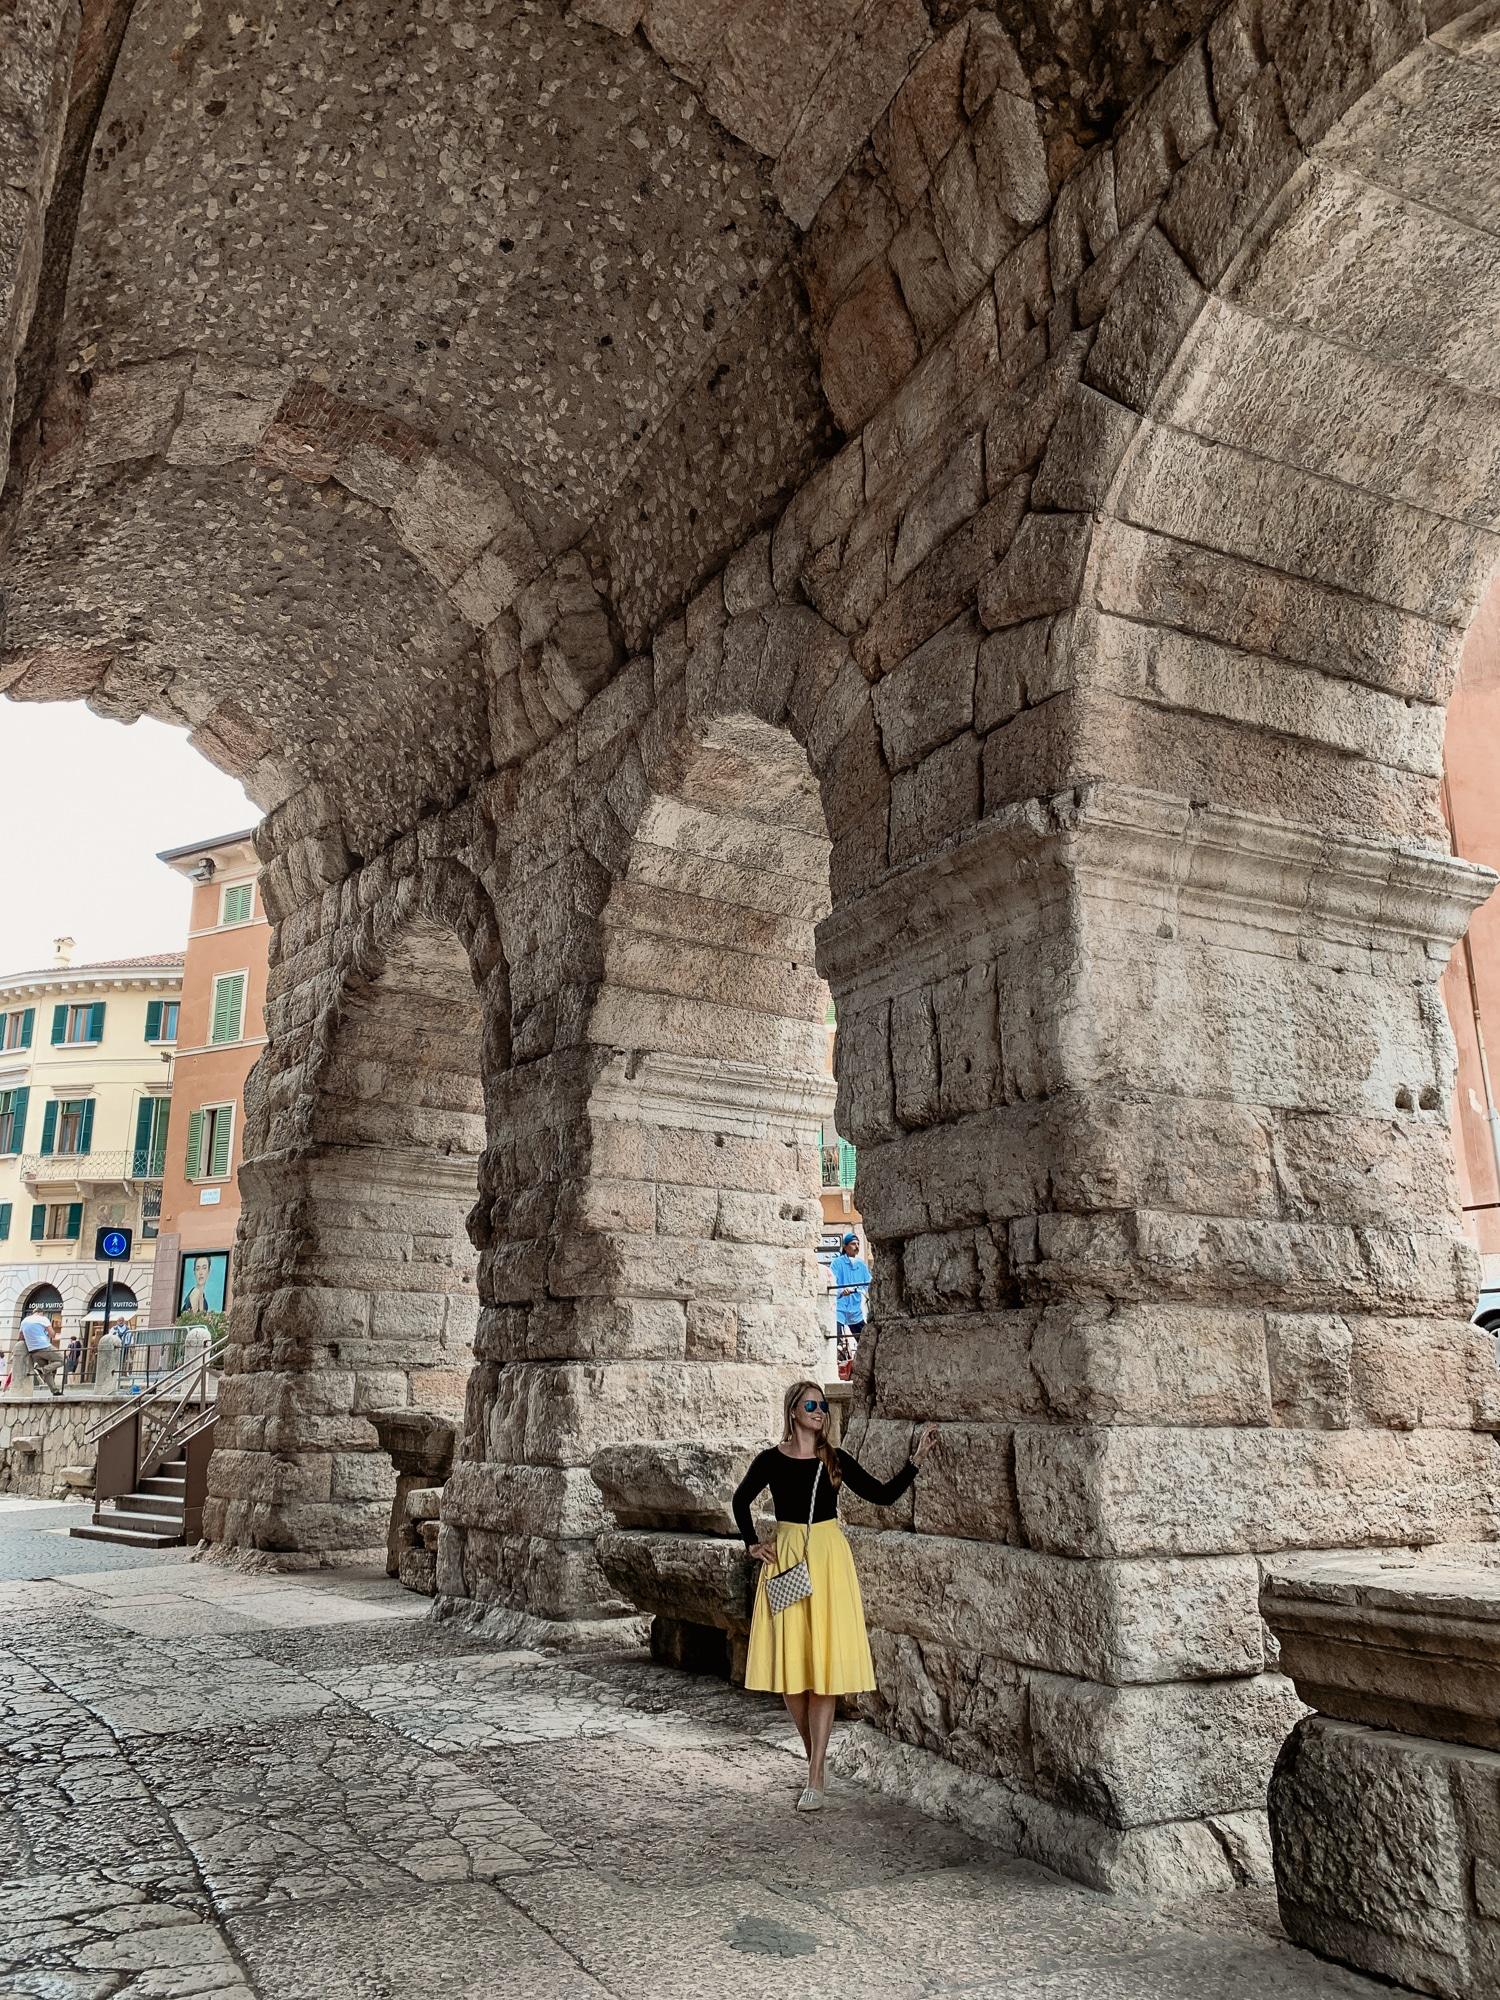 Verona Sehenswürdigkeiten - Colosseum